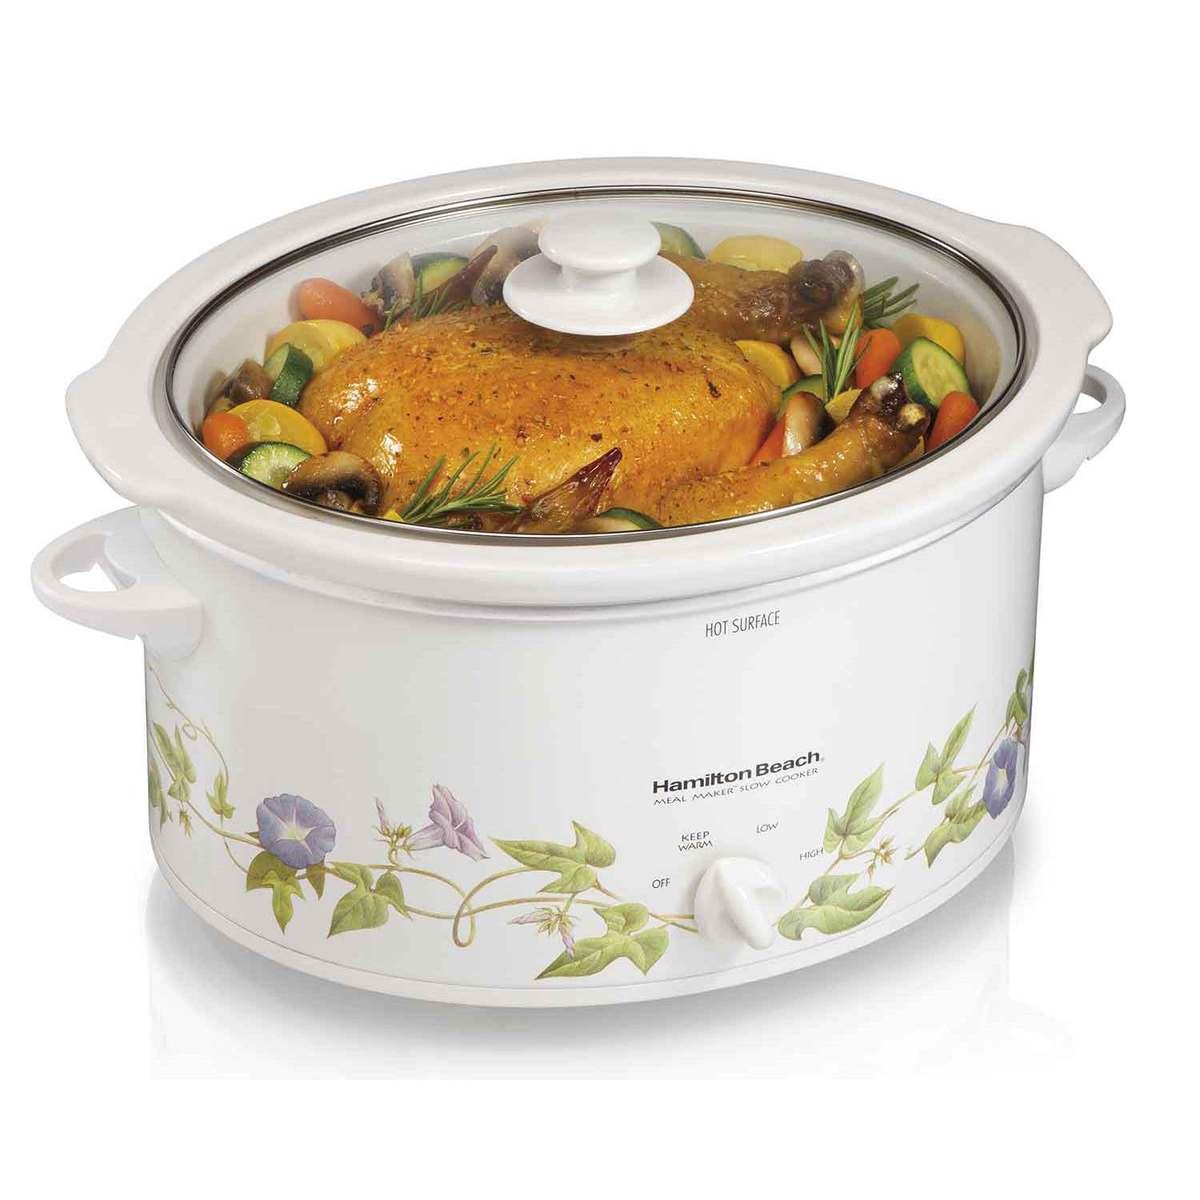 Meal Maker® 5 Quart Slow Cooker (33150)